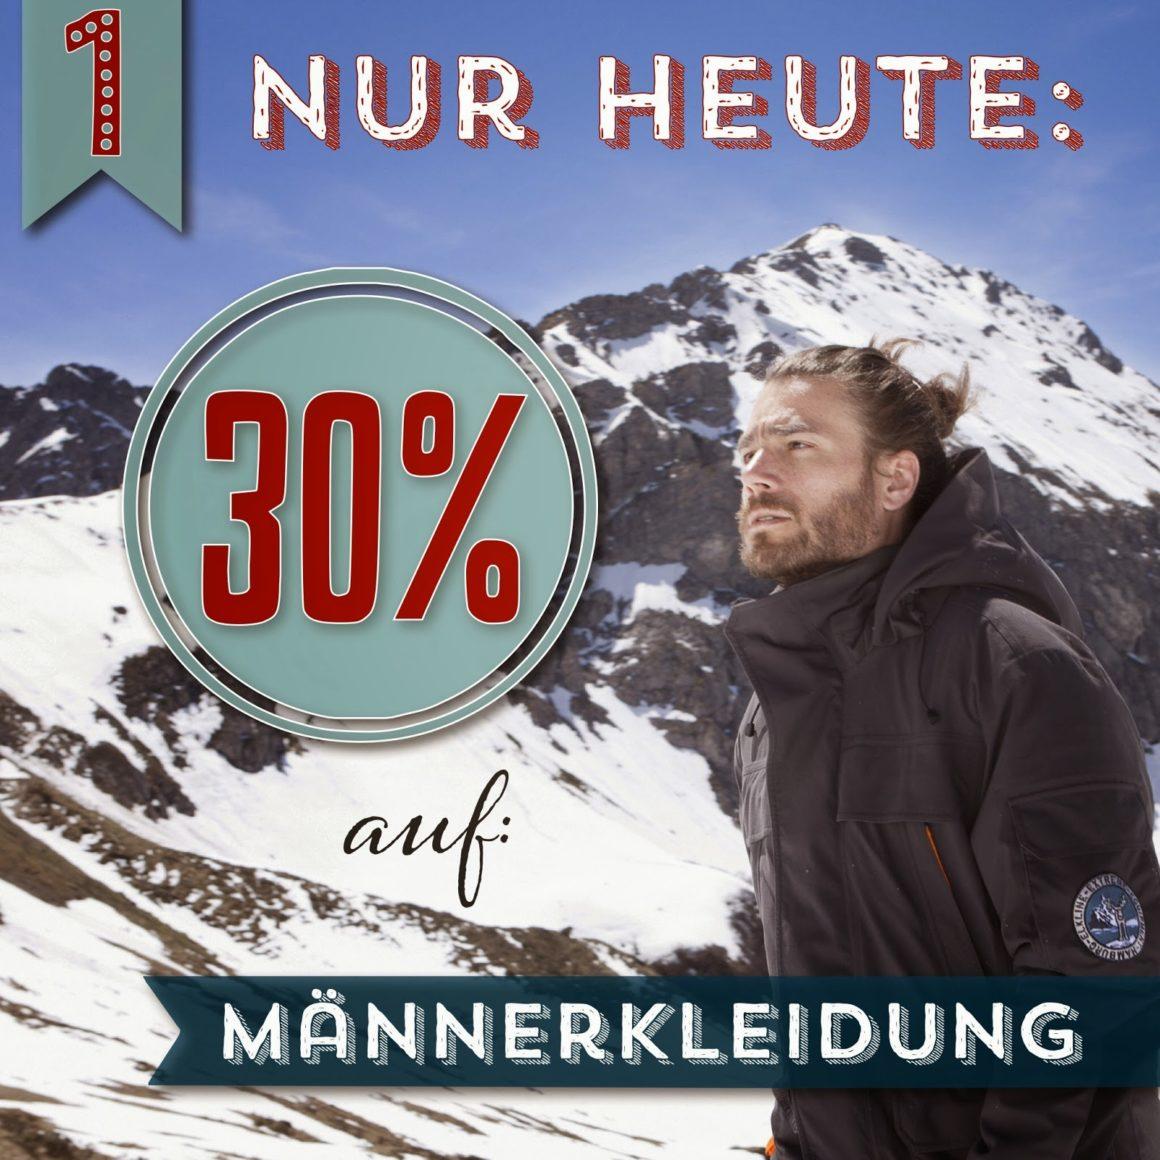 Türchen N°1 im Adventsmirakel - 30% auf Männerkleidung!